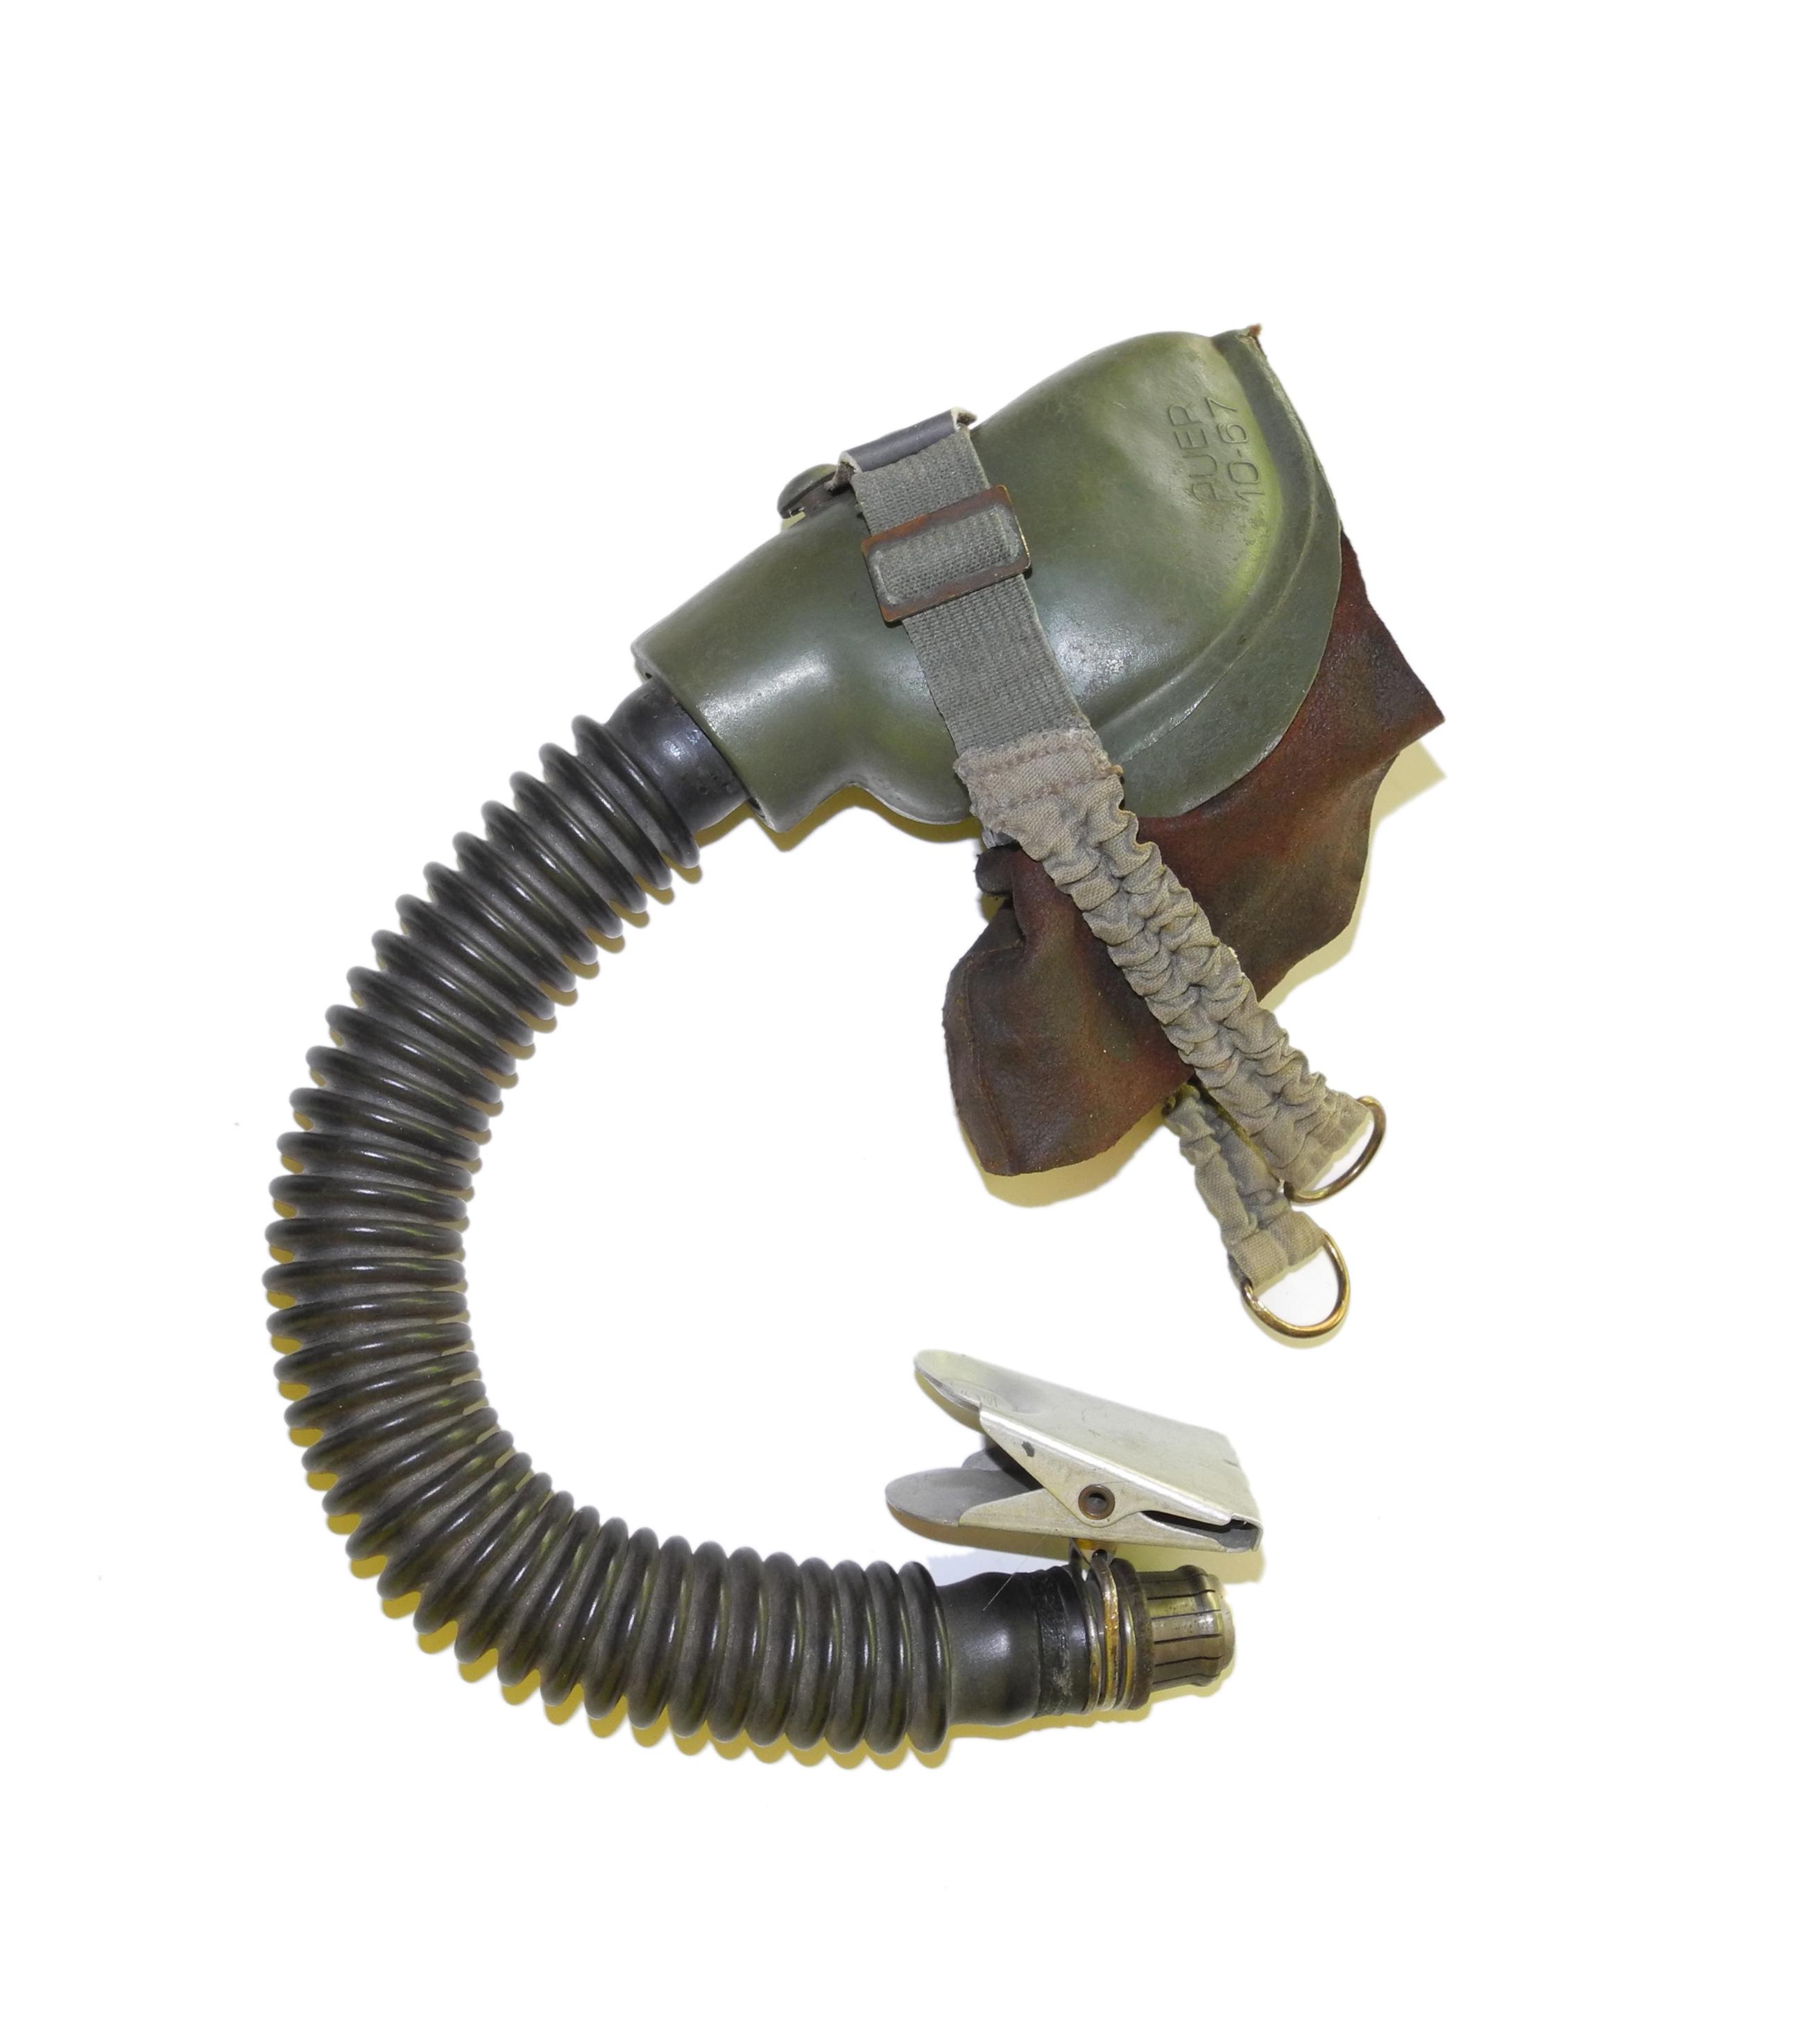 LW 10-67 oxygen mask $1250